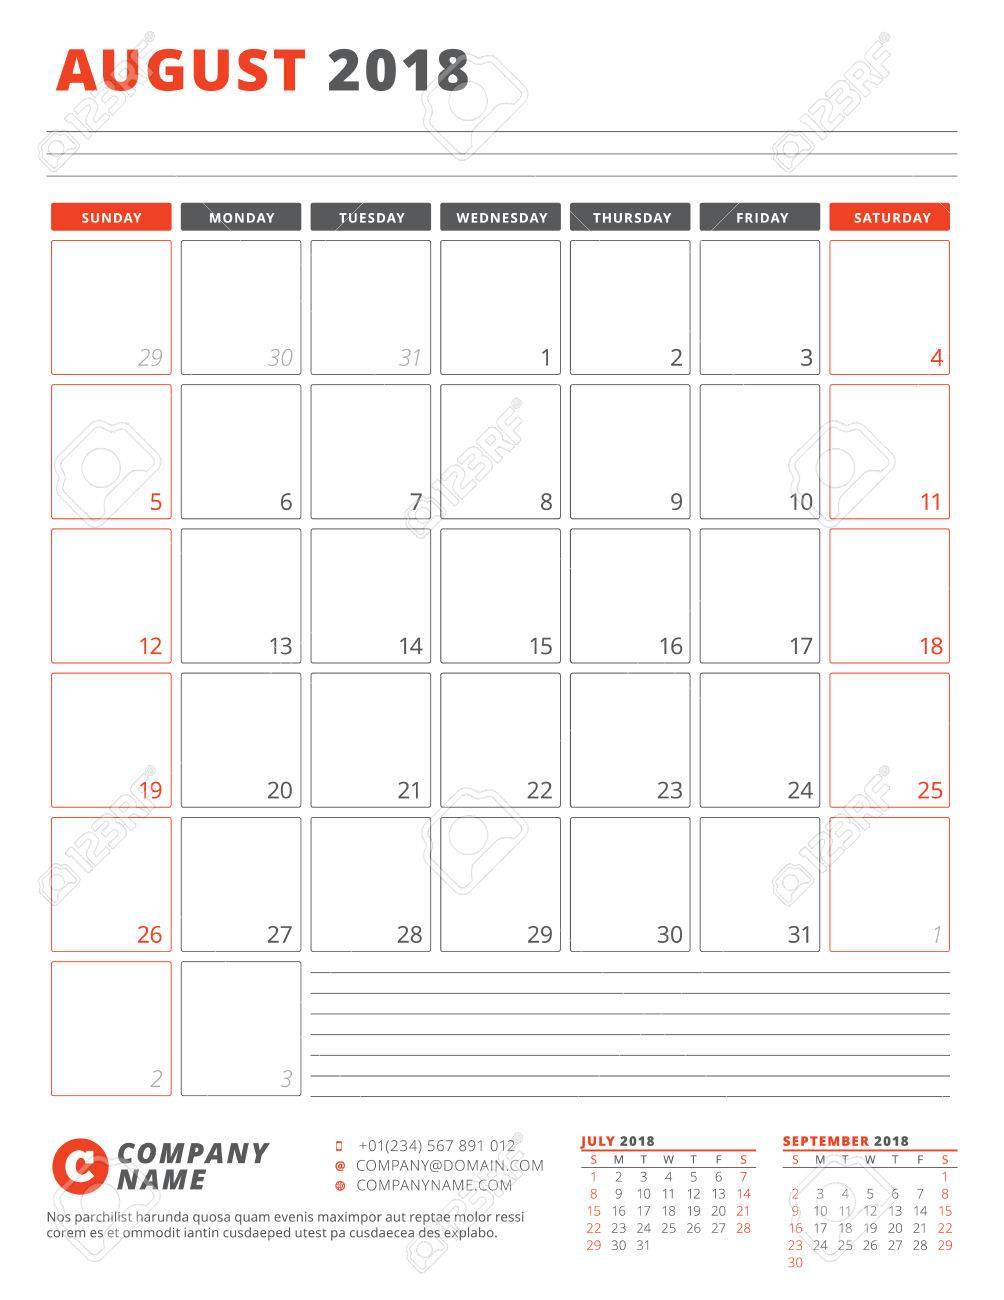 Kalendervorlage Für 2018 Jahr. August. Geschäftsplaner 2018 Vorlage ...